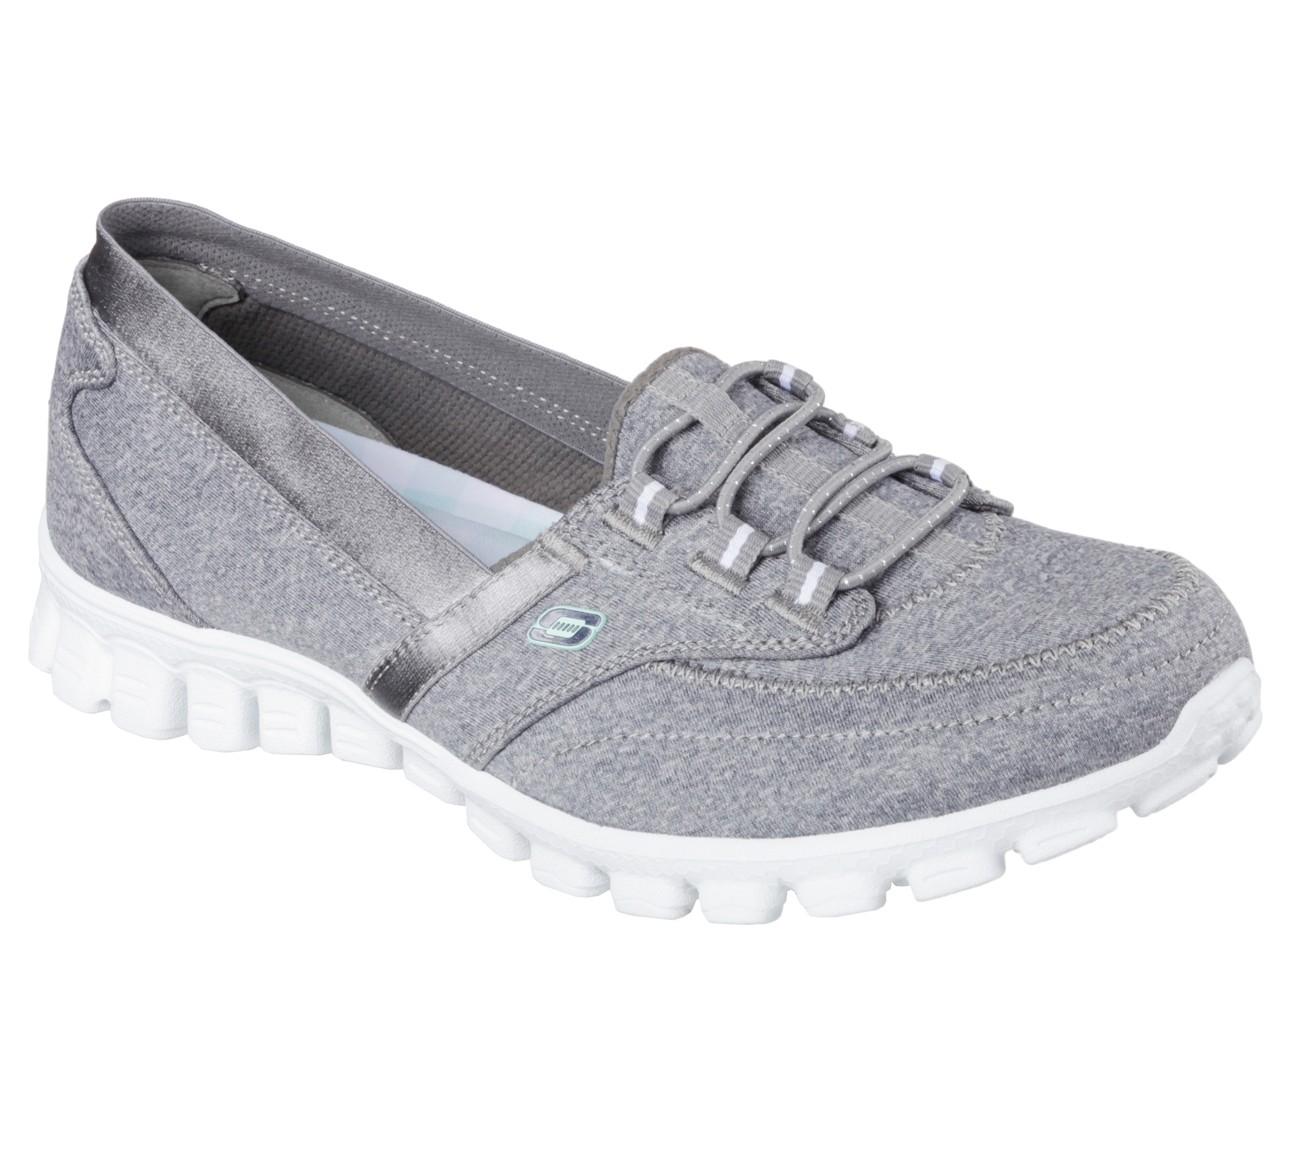 Skechers Bayan Yürüyüş Ayakkabısı Modelleri-Ayakkabı Modelleri (24)